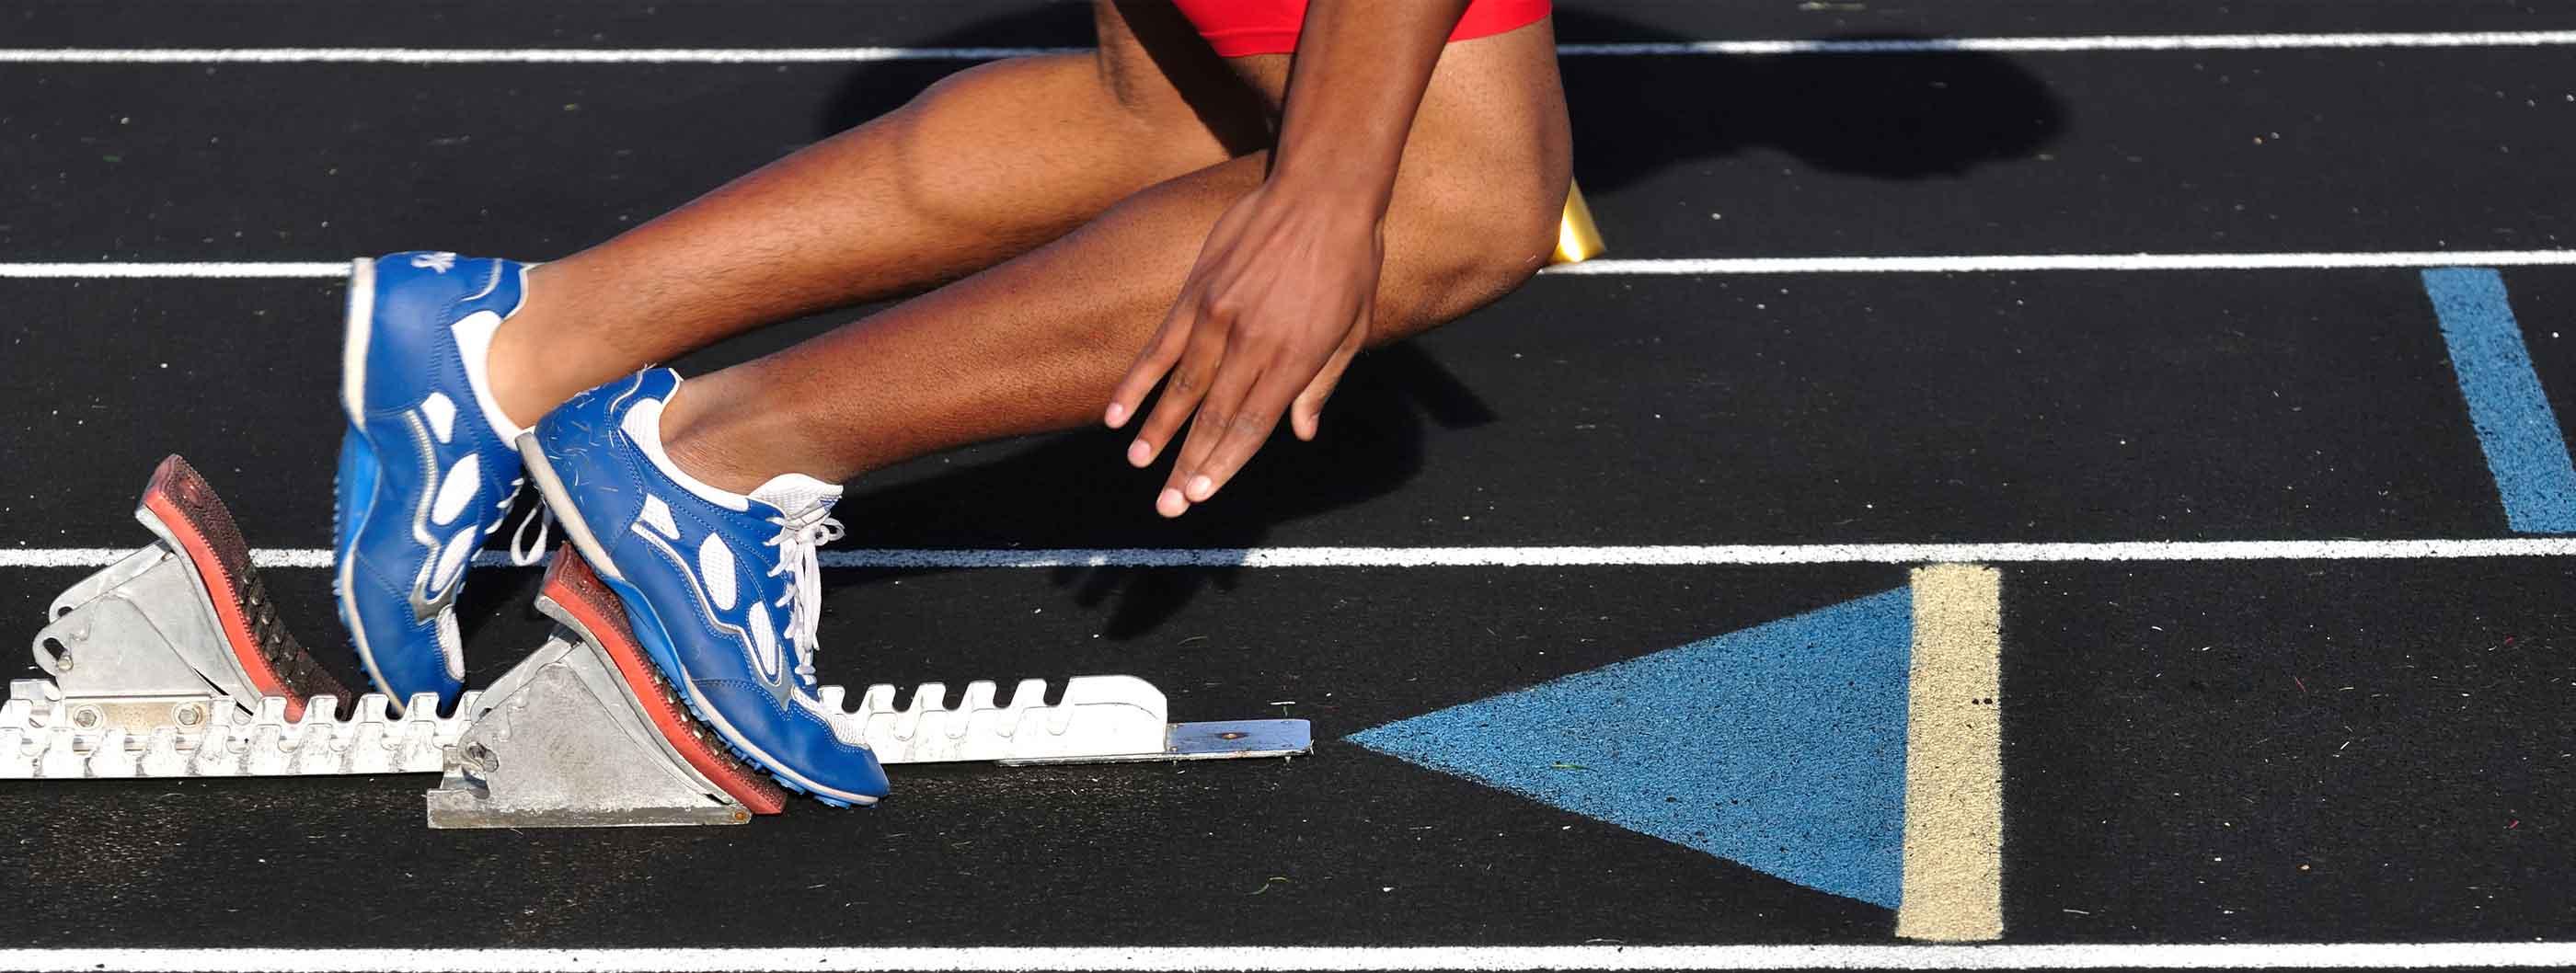 Track Athlete - Starter's Block